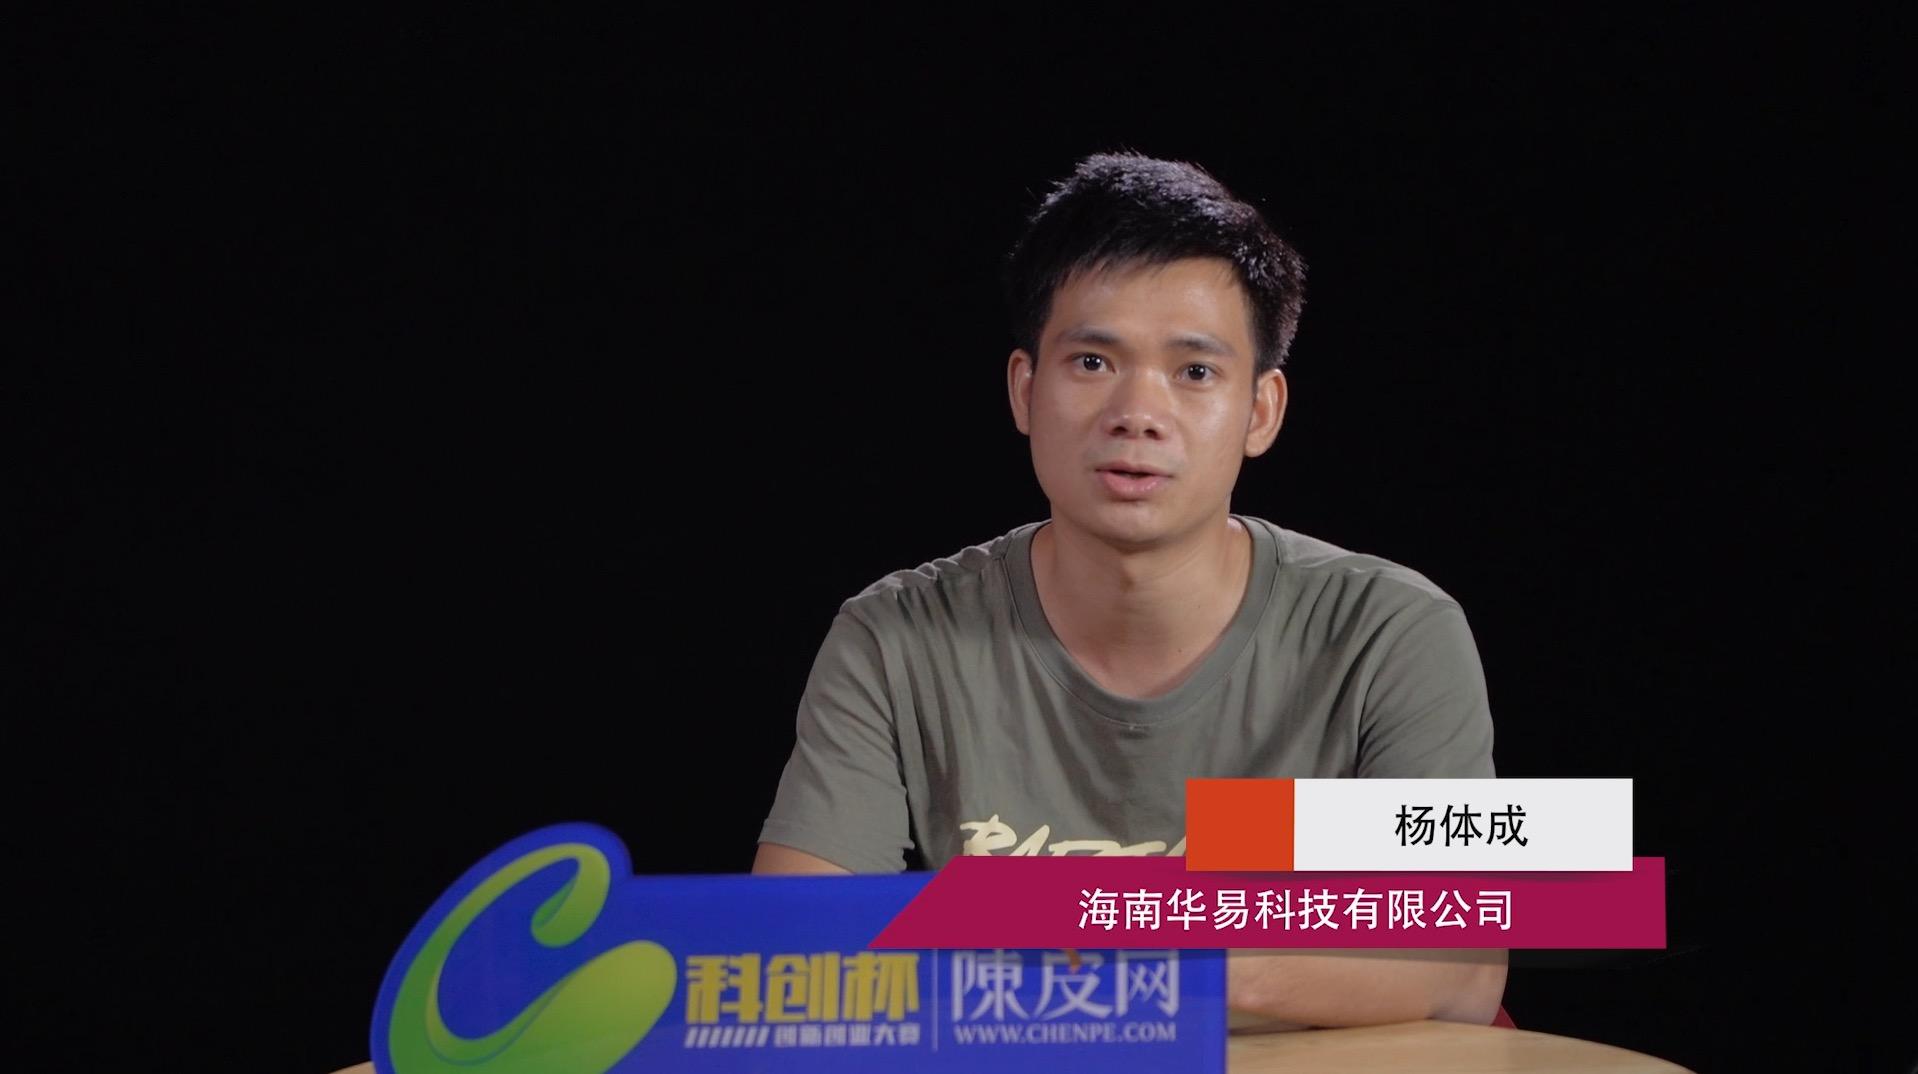 创业进行时|华易科技杨体成,为本地商家在线引流入店